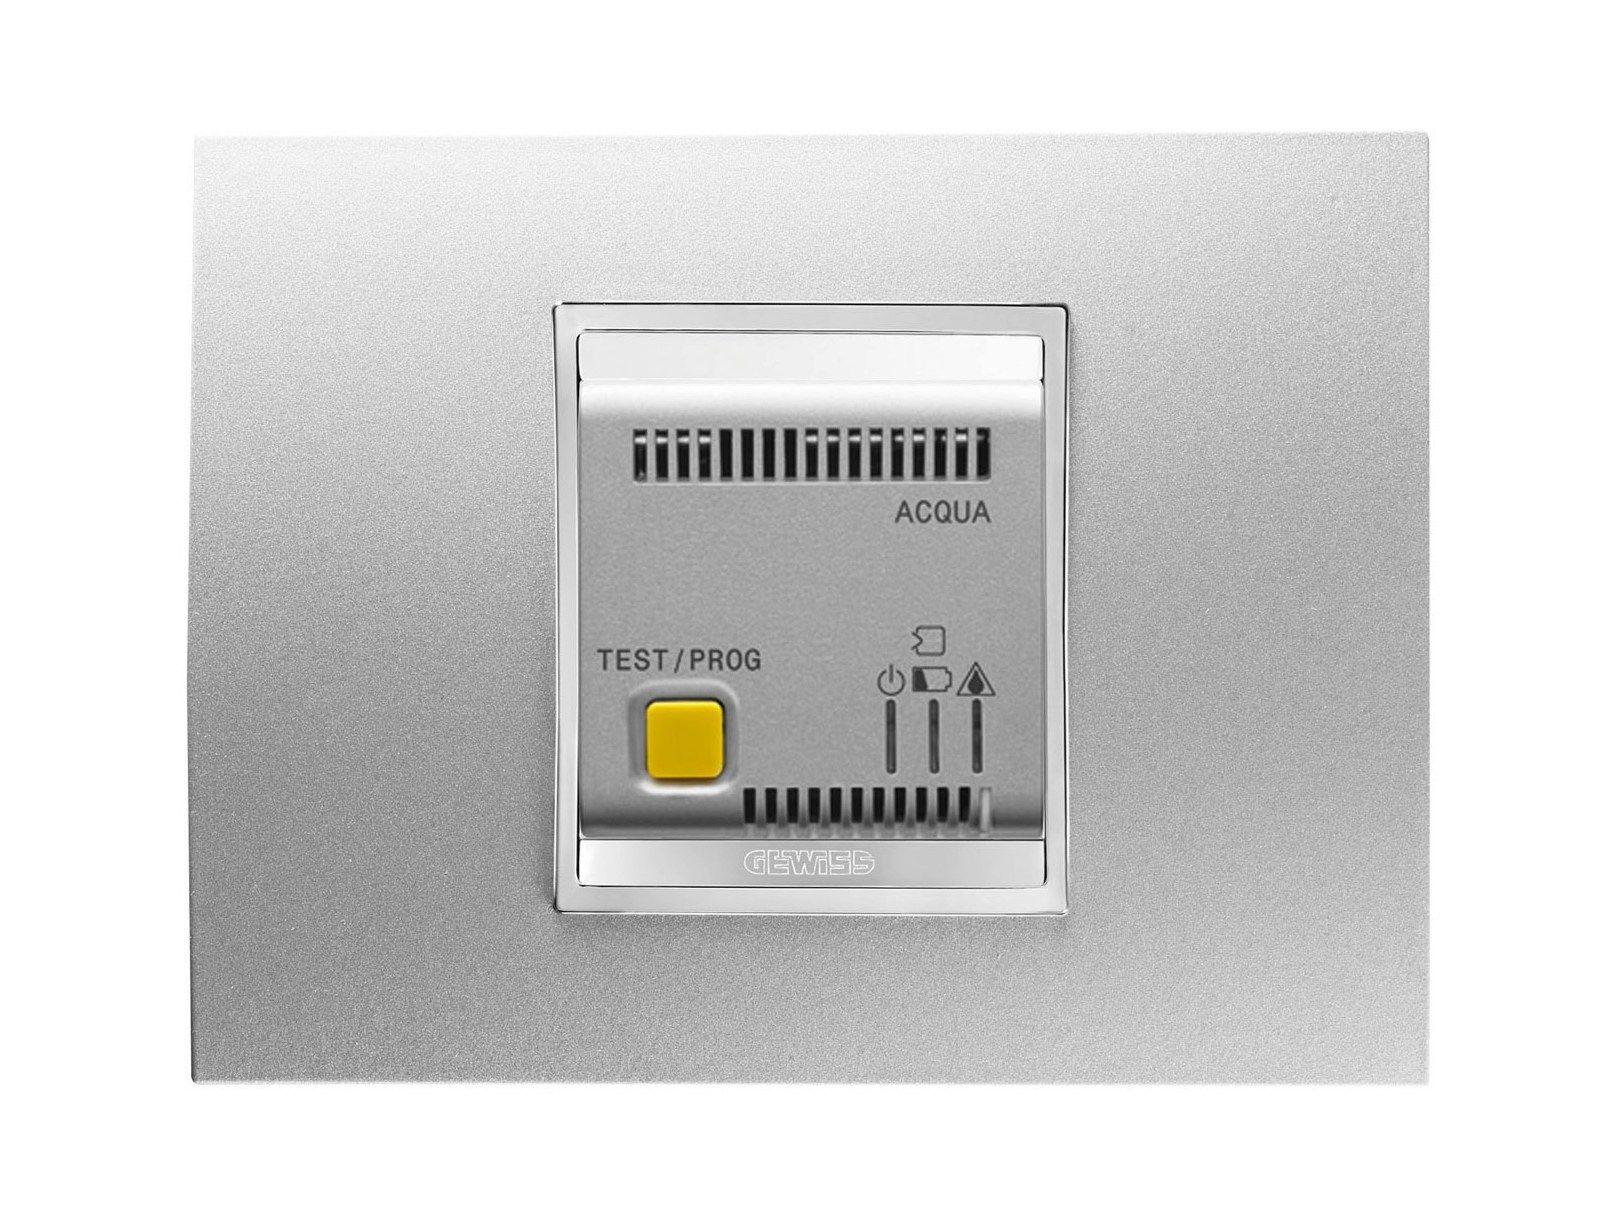 GEWISS presenta i dispositivi del sistema domotico Chorus che garantiscono la sicurezza delle persone fra le mura domestiche